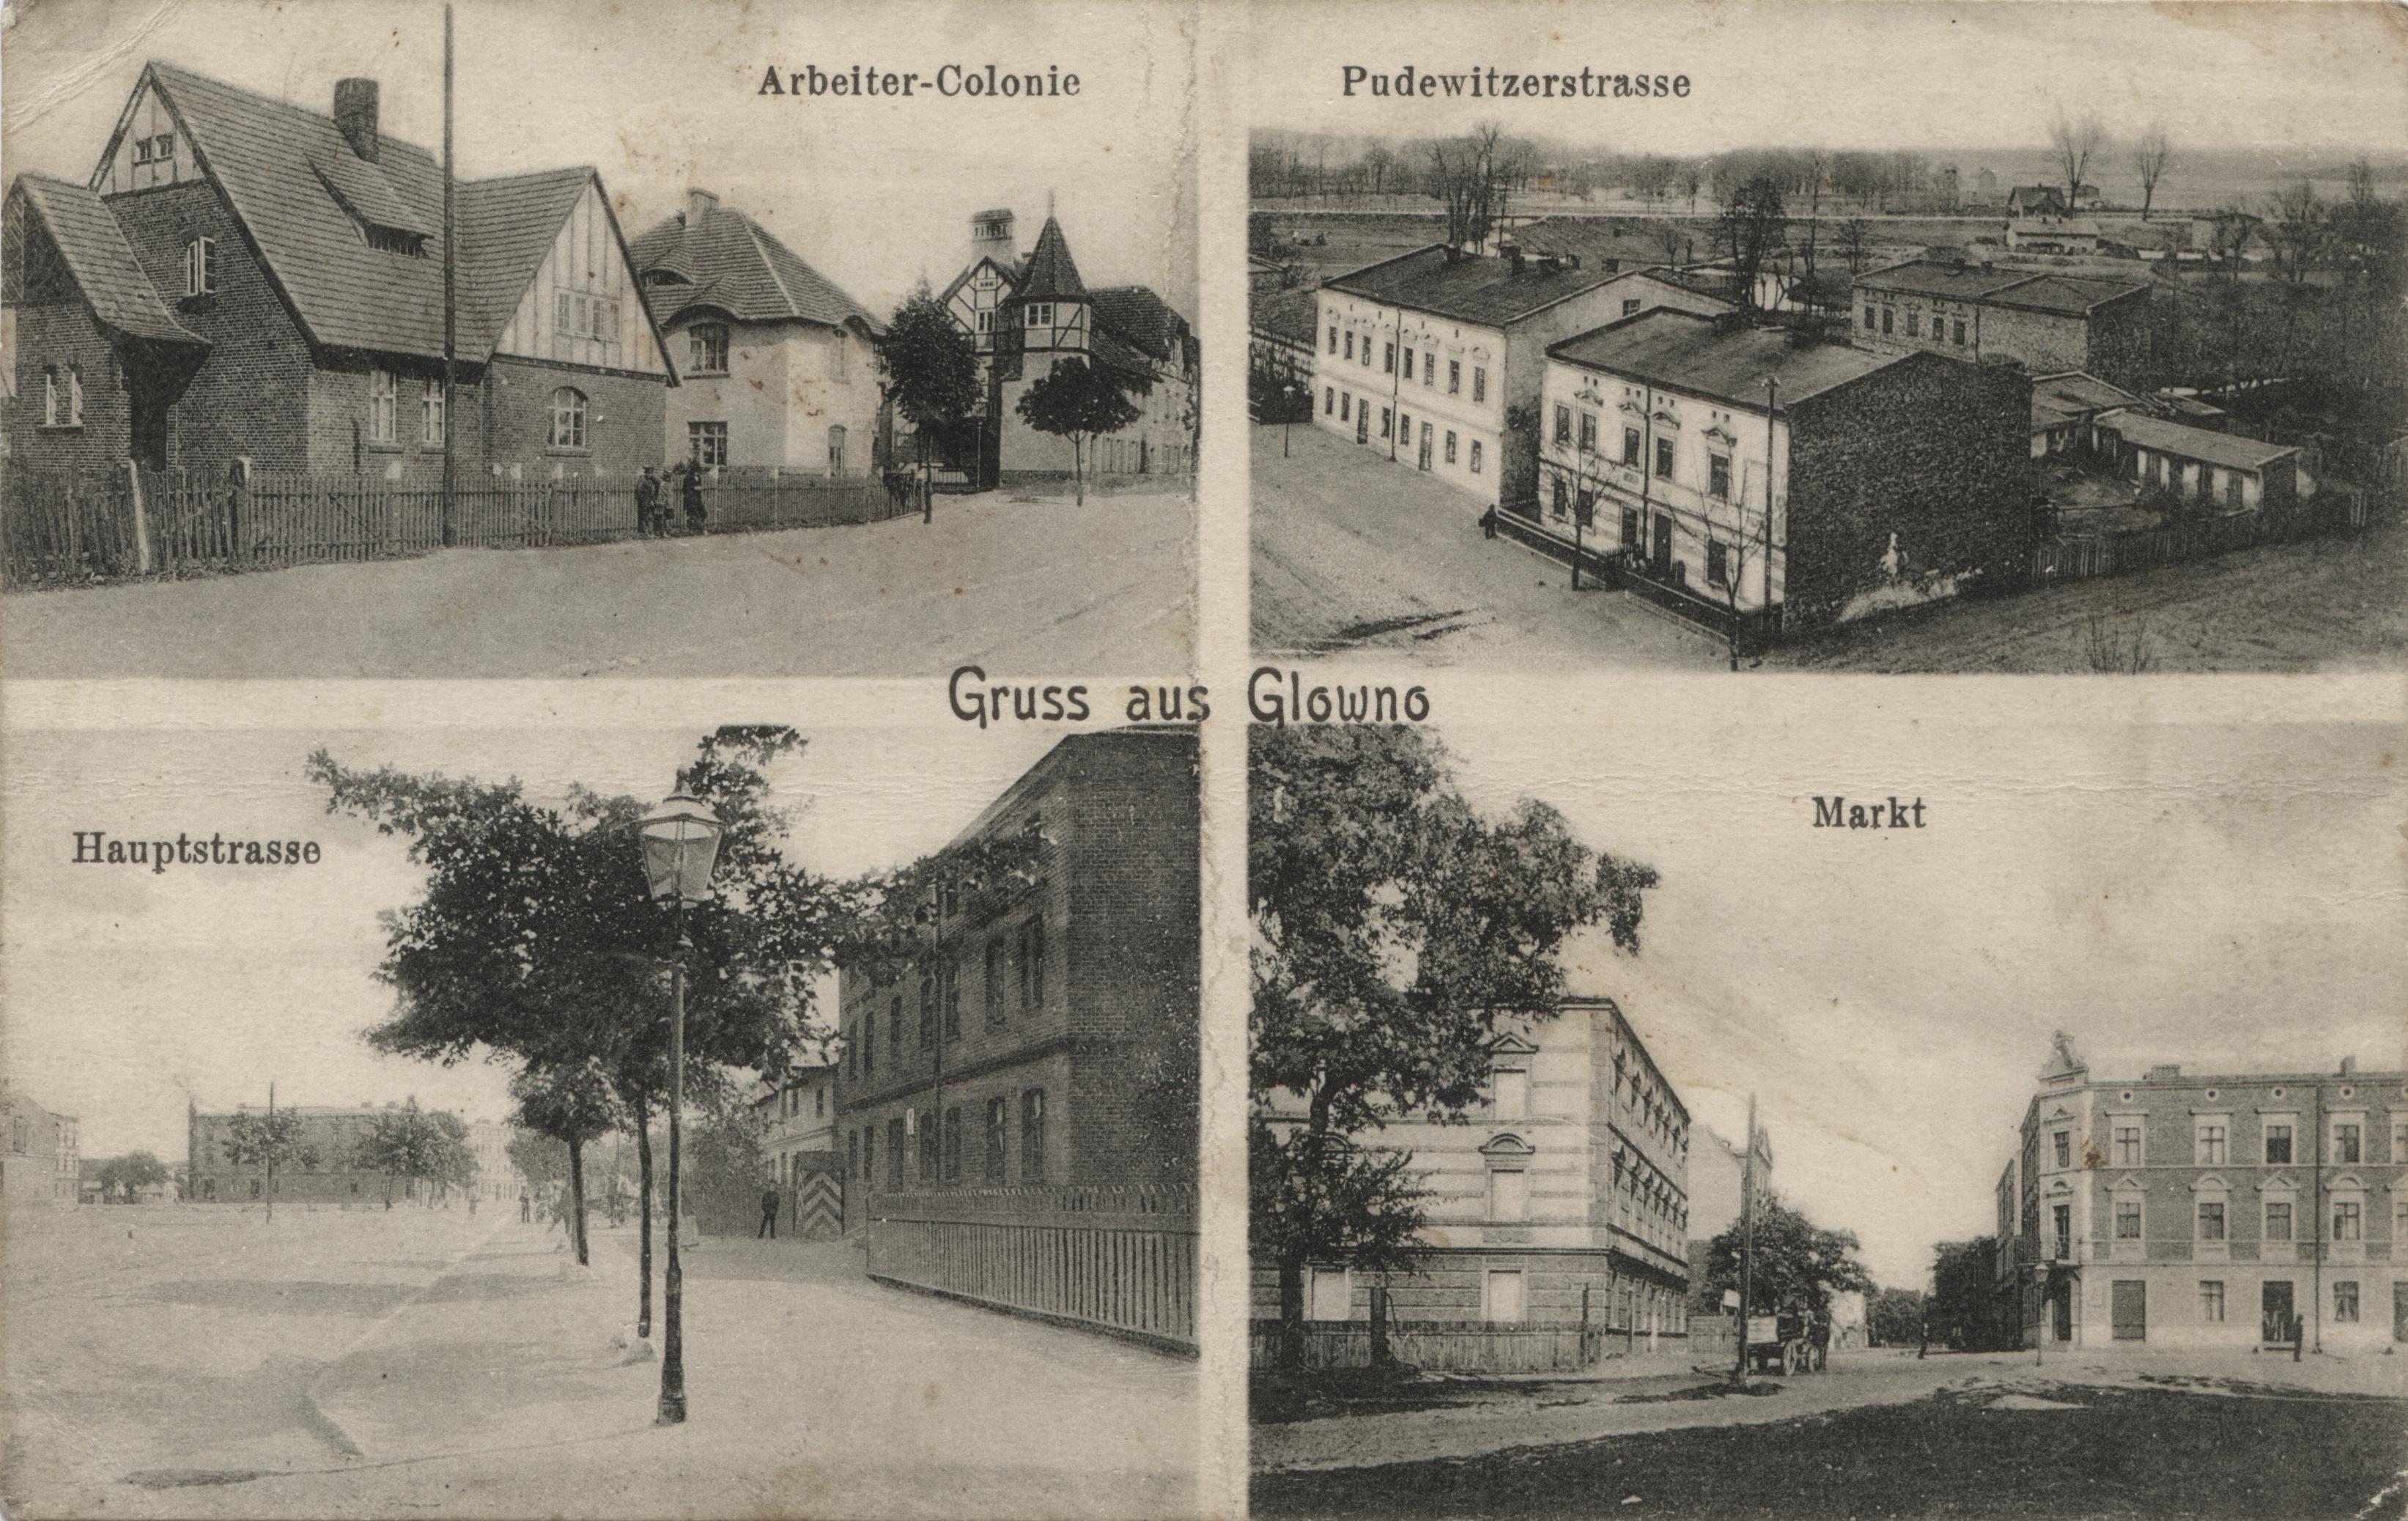 Gruss aus Glowno. Czteroobrazkowa karta pocztowa z widokami Głównej. [1] Arbeiter-Colonie – Kolonia Karlsbunne przy ul. Gnieźnieńskiej. Osiedle zostało wybudowane w 1906 roku z inicjatywy Deutsche Arbeiter-Wohnungsgenossenschaft (Niemiecka Robotnicza Spółdzielnia Mieszkaniowa), pomiędzy Pudewitzerstrasse (ul. Pobiedziską, dziś Gnieźnieńską), a rzeką Główną. Składało się z domów typu willowego dla majstrów i urzędników miejskich oraz podłużnego budynku wielorodzinnego wzdłuż ul. Gnieźnieńskiej, przeznaczonego dla robotników. W 1919 roku osiedle zostało zakupione przez Zakłady Cegielskiego; [2] Pudewitzerstrasse – ulica Pobiedziska (dziś ulica Gnieźnieńska); [3] Hauptstrasse – ulica Główna, po lewej stronie widoczny fragment Rynku Wschodniego; [4] Markt – Rynek Wschodni, na drugim planie ulica Średnia, po lewej dom rodziny Pflaumów przy Mittelstrasse 1 (dziś: ul. Średnia). Ze zbiorów Biblioteki Uniwersyteckiej w Poznaniu